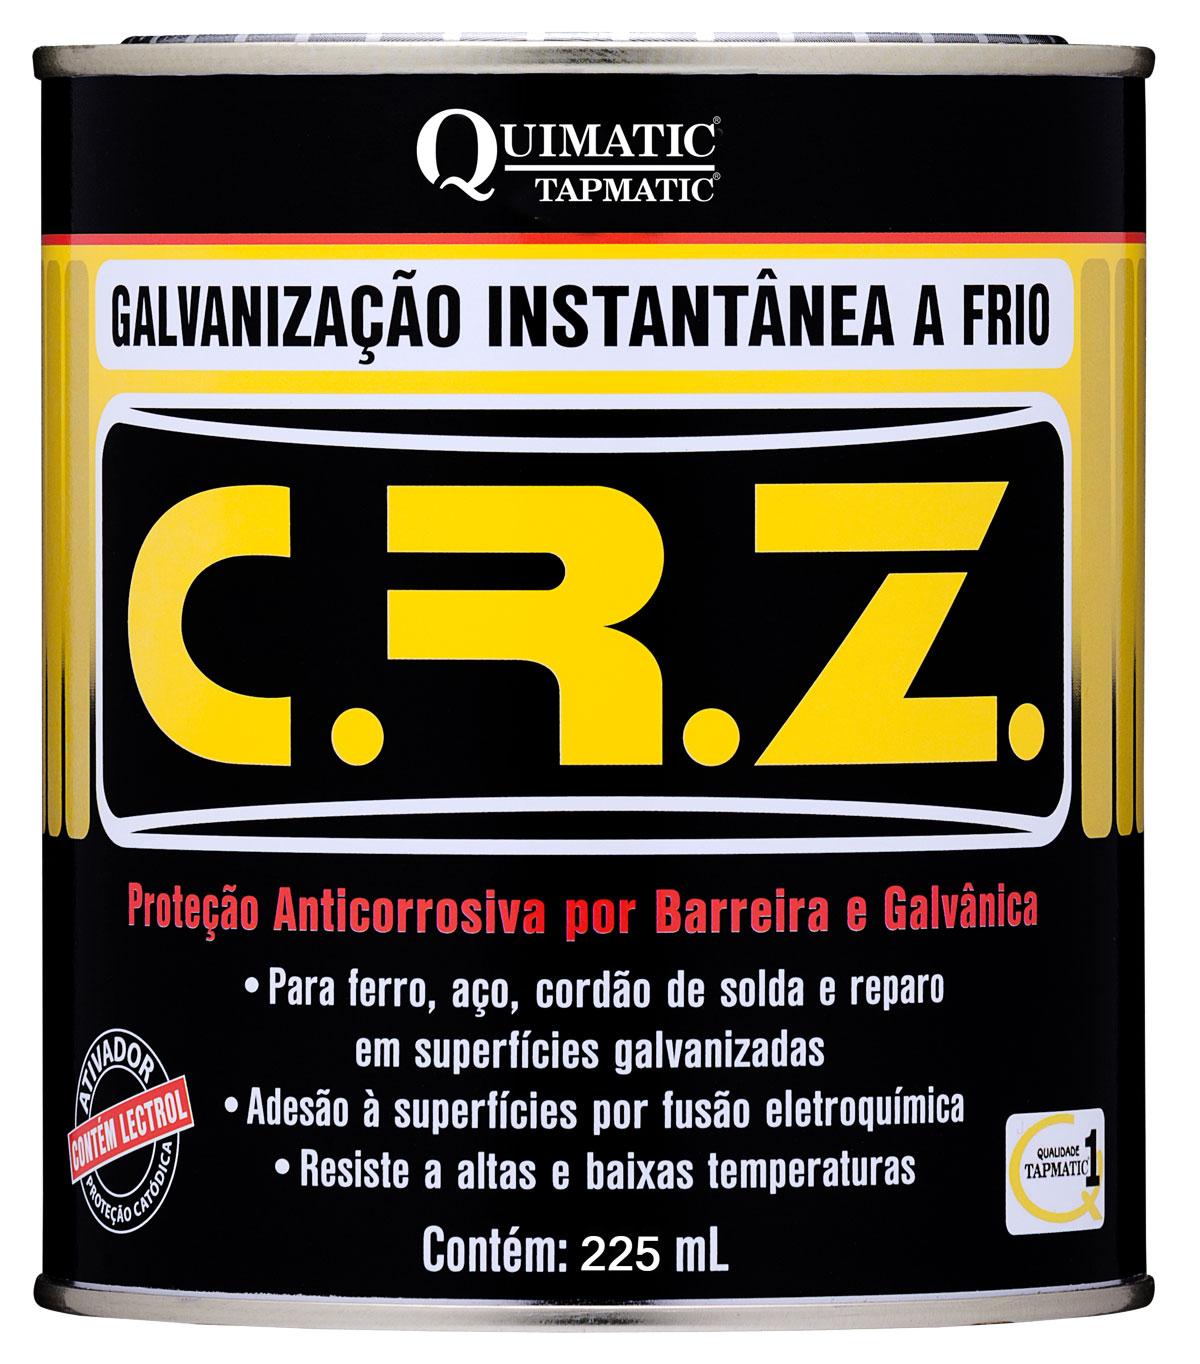 CRZ Galvanização Instantânea a Frio 225 ML Quimatic